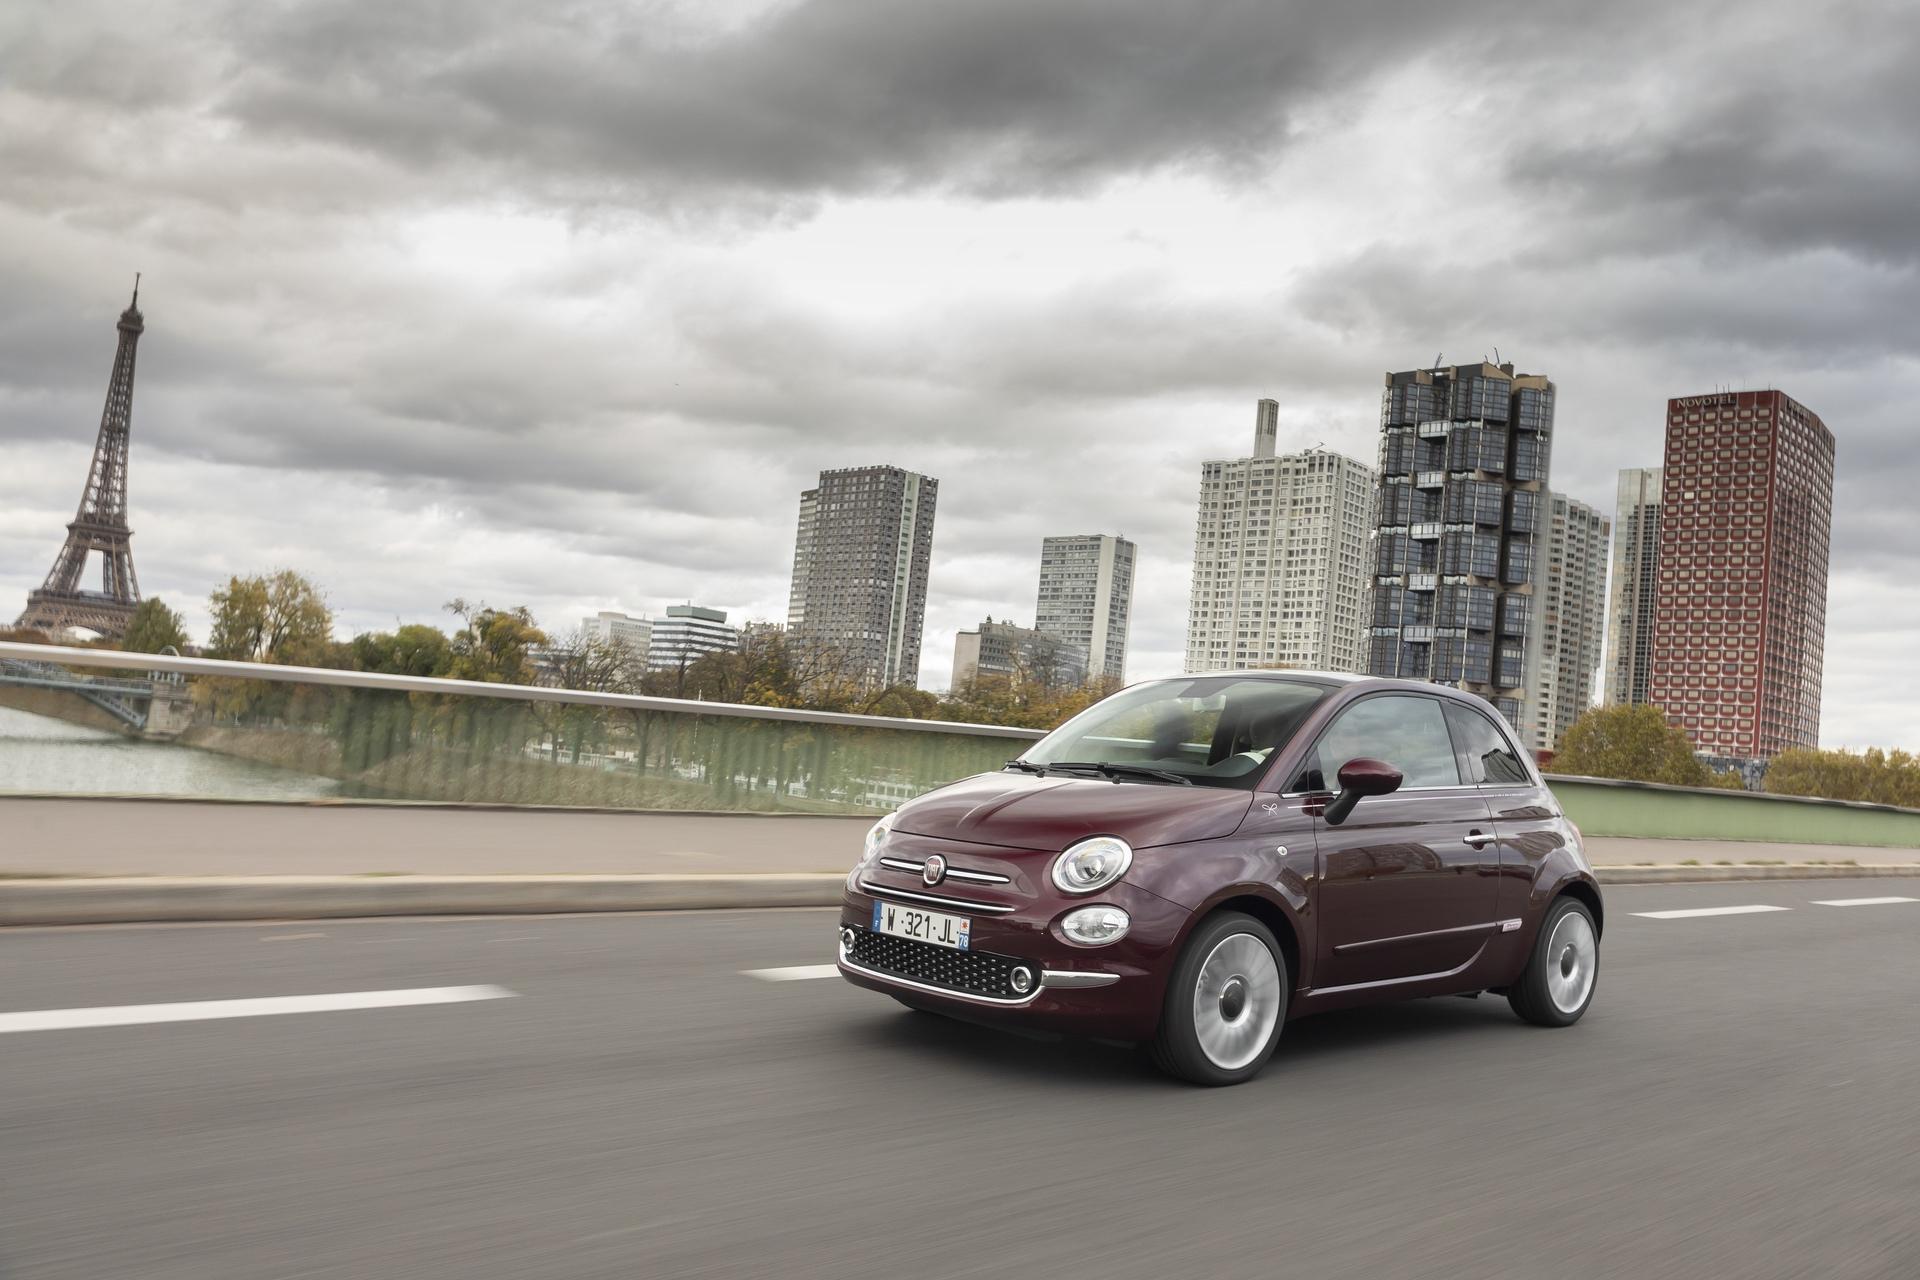 Fiat_500_Repetto_0019